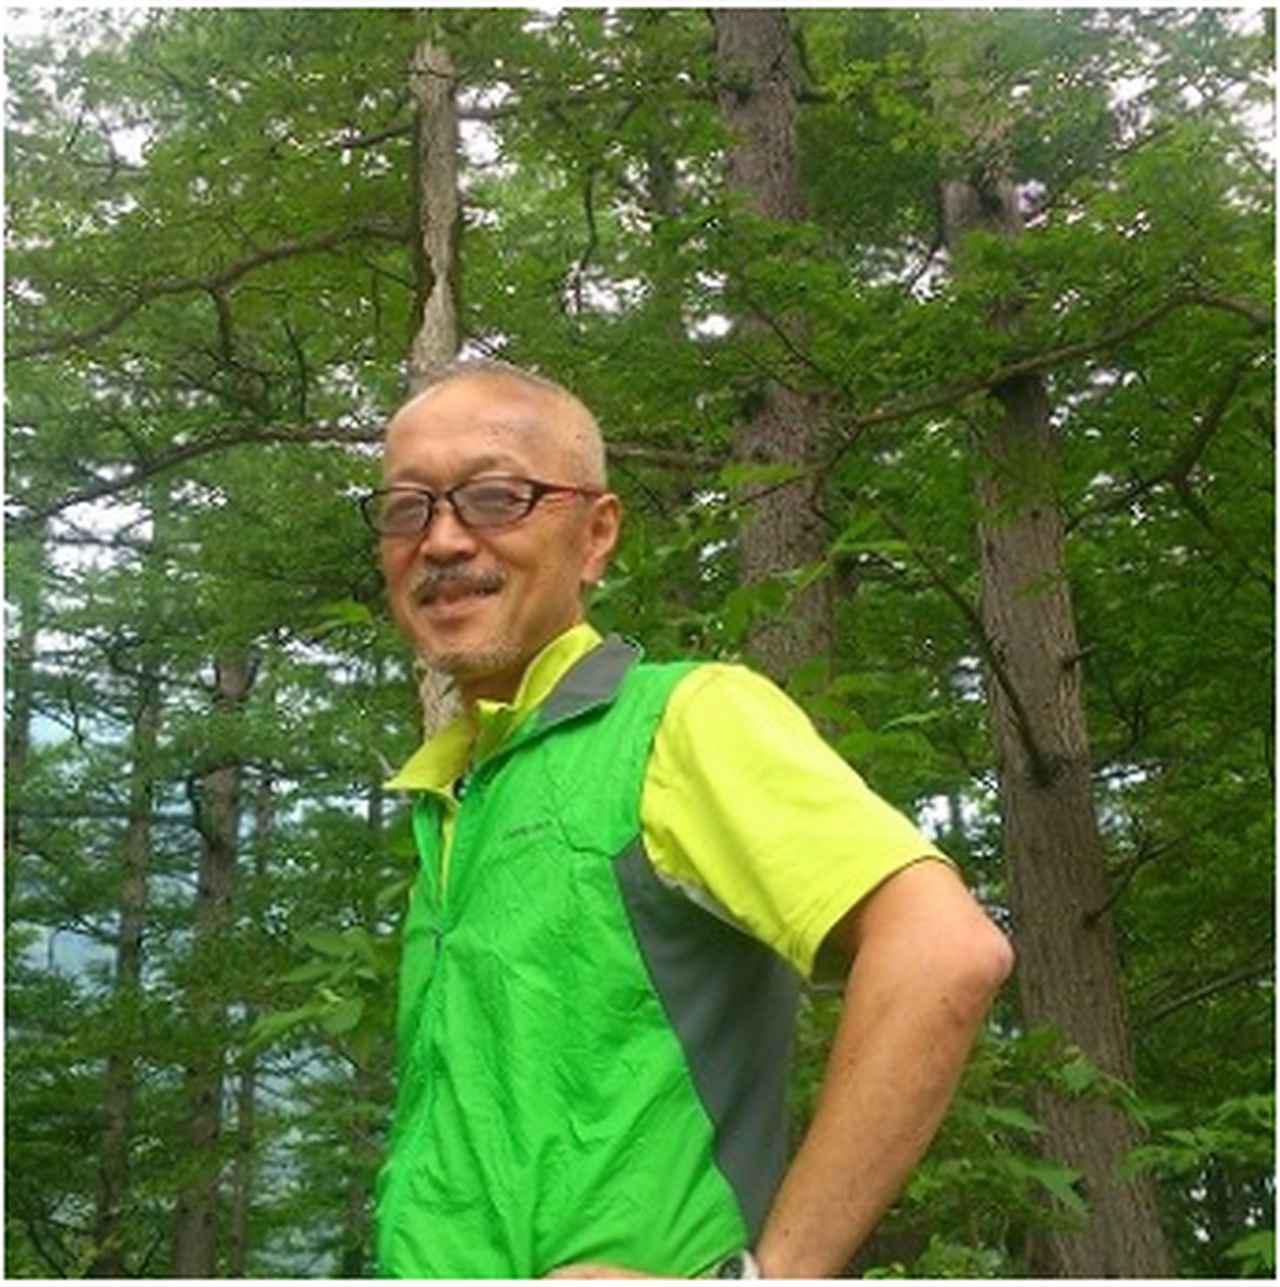 画像: 白田 剛ガイド //山旅スクールの親父的ガイド。18歳の頃から山登りを始め、大学ではクラブに入り、その後クラブ監督をおよそ10年務める。その間、ヒマラヤ5,000m級のトレッキングを2回実施、国内では、厳冬期の飯豊連峰登山など冬から夏までの山をこなす。 今回はテント泊の魅力を語ります